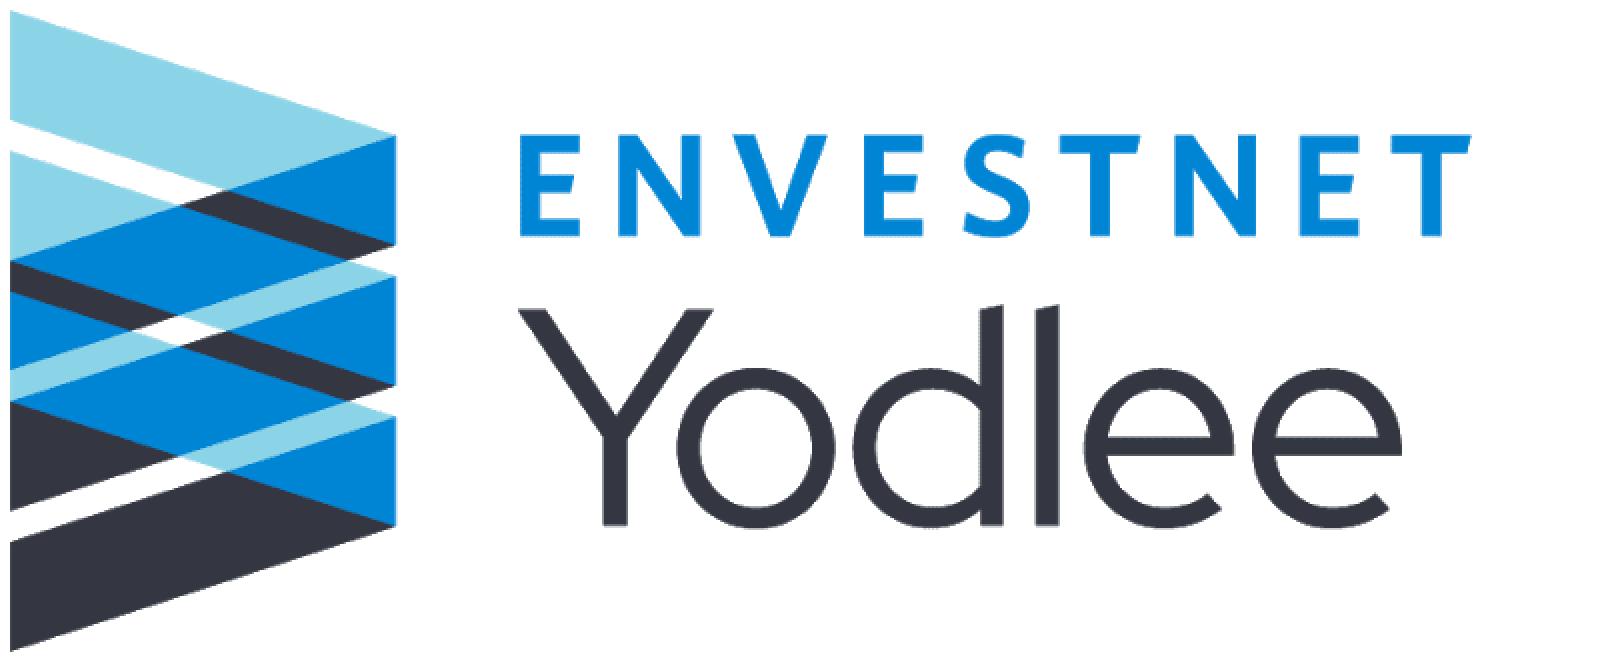 Yodlee Envesment